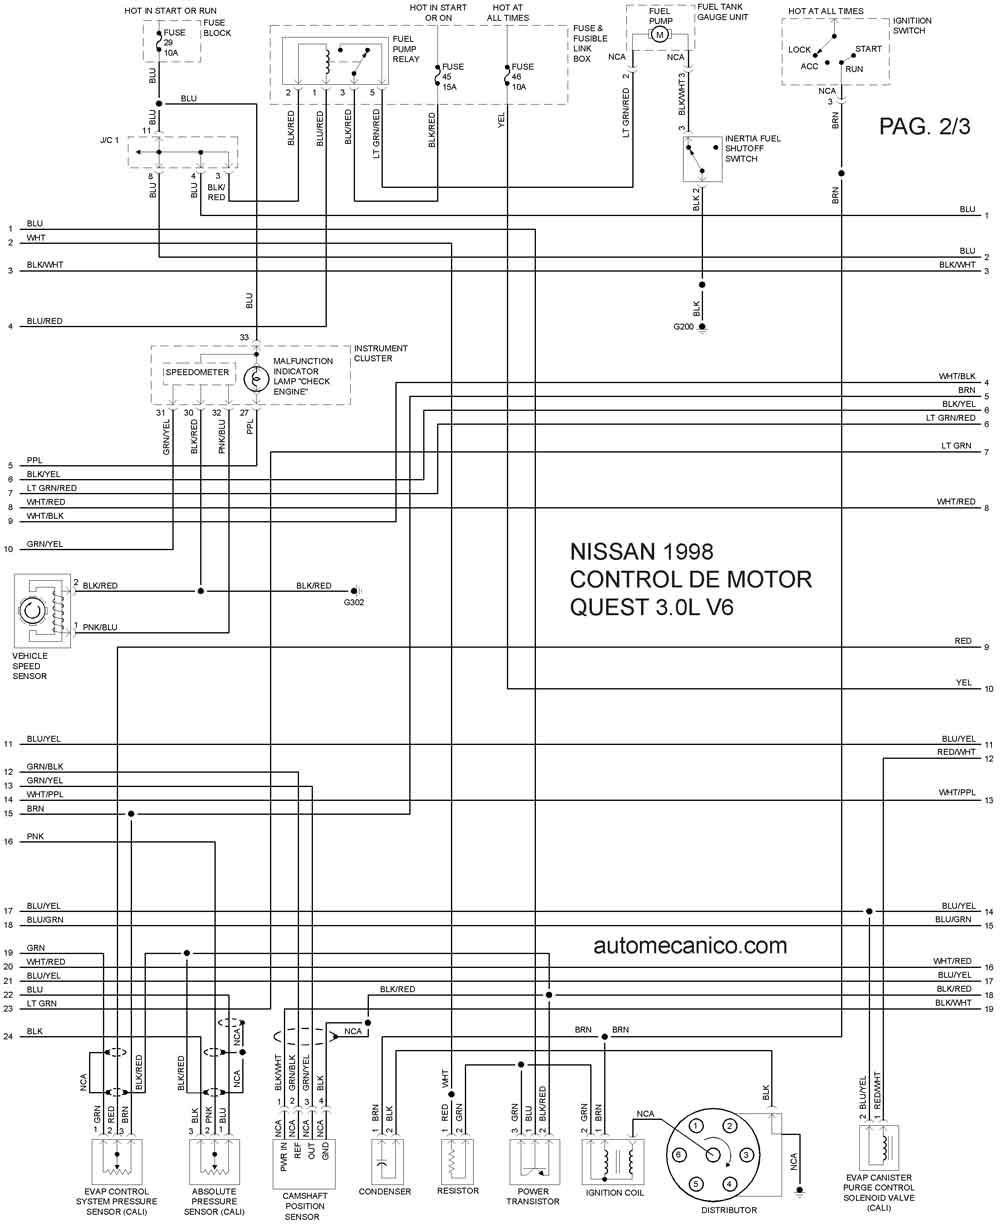 diagrama de cableado de nissan z24